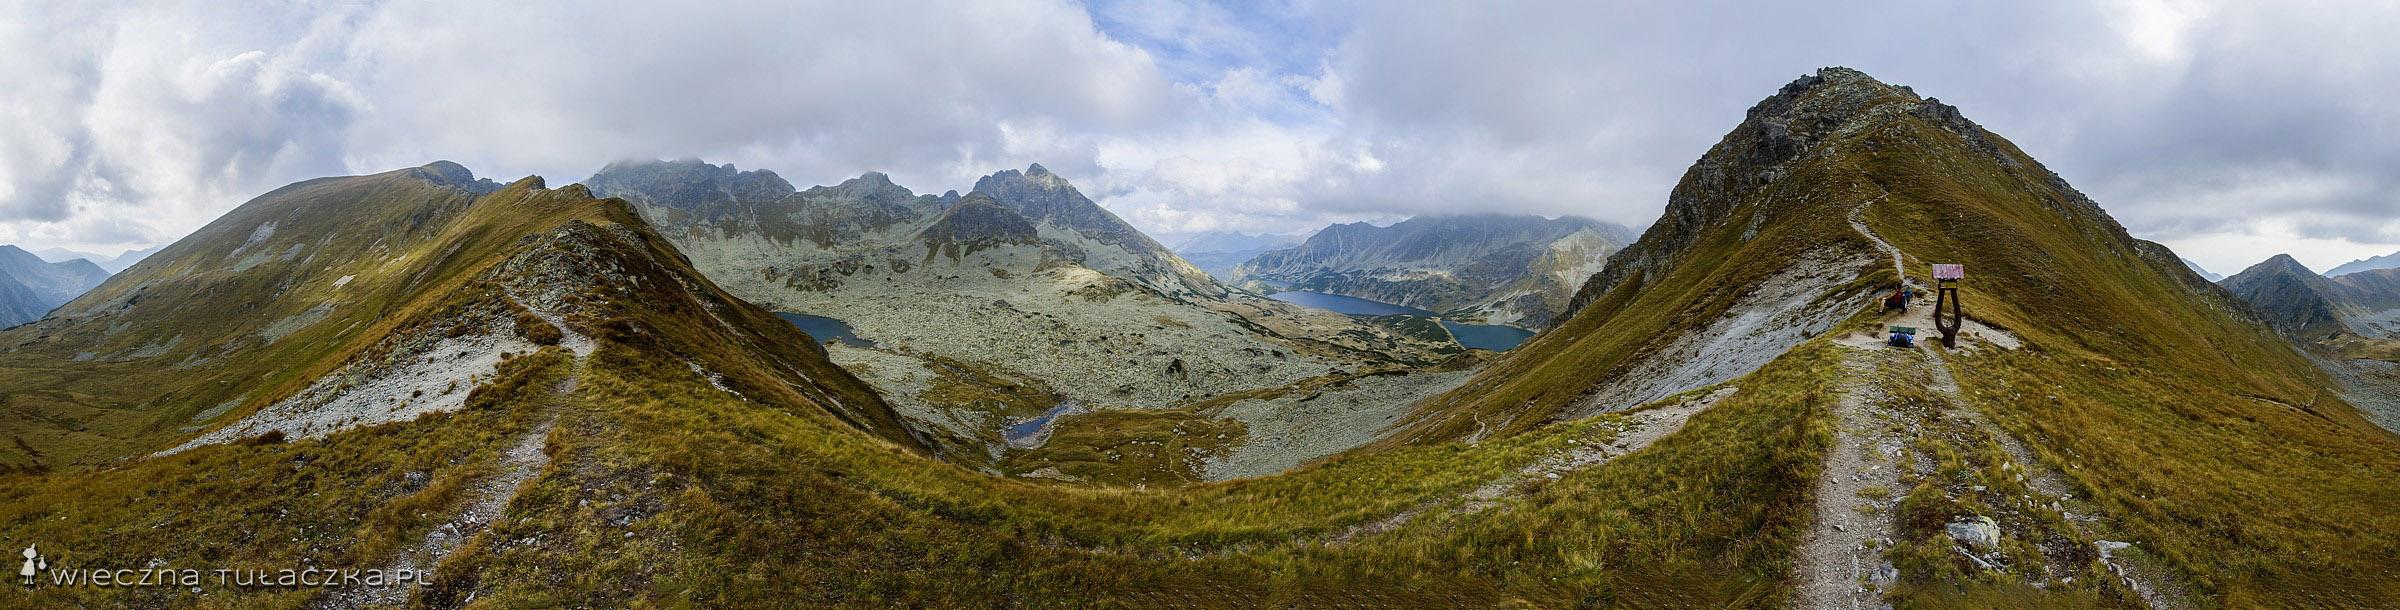 Gładka Przełęcz, panorama na Dolinę Pięciu Stawów.